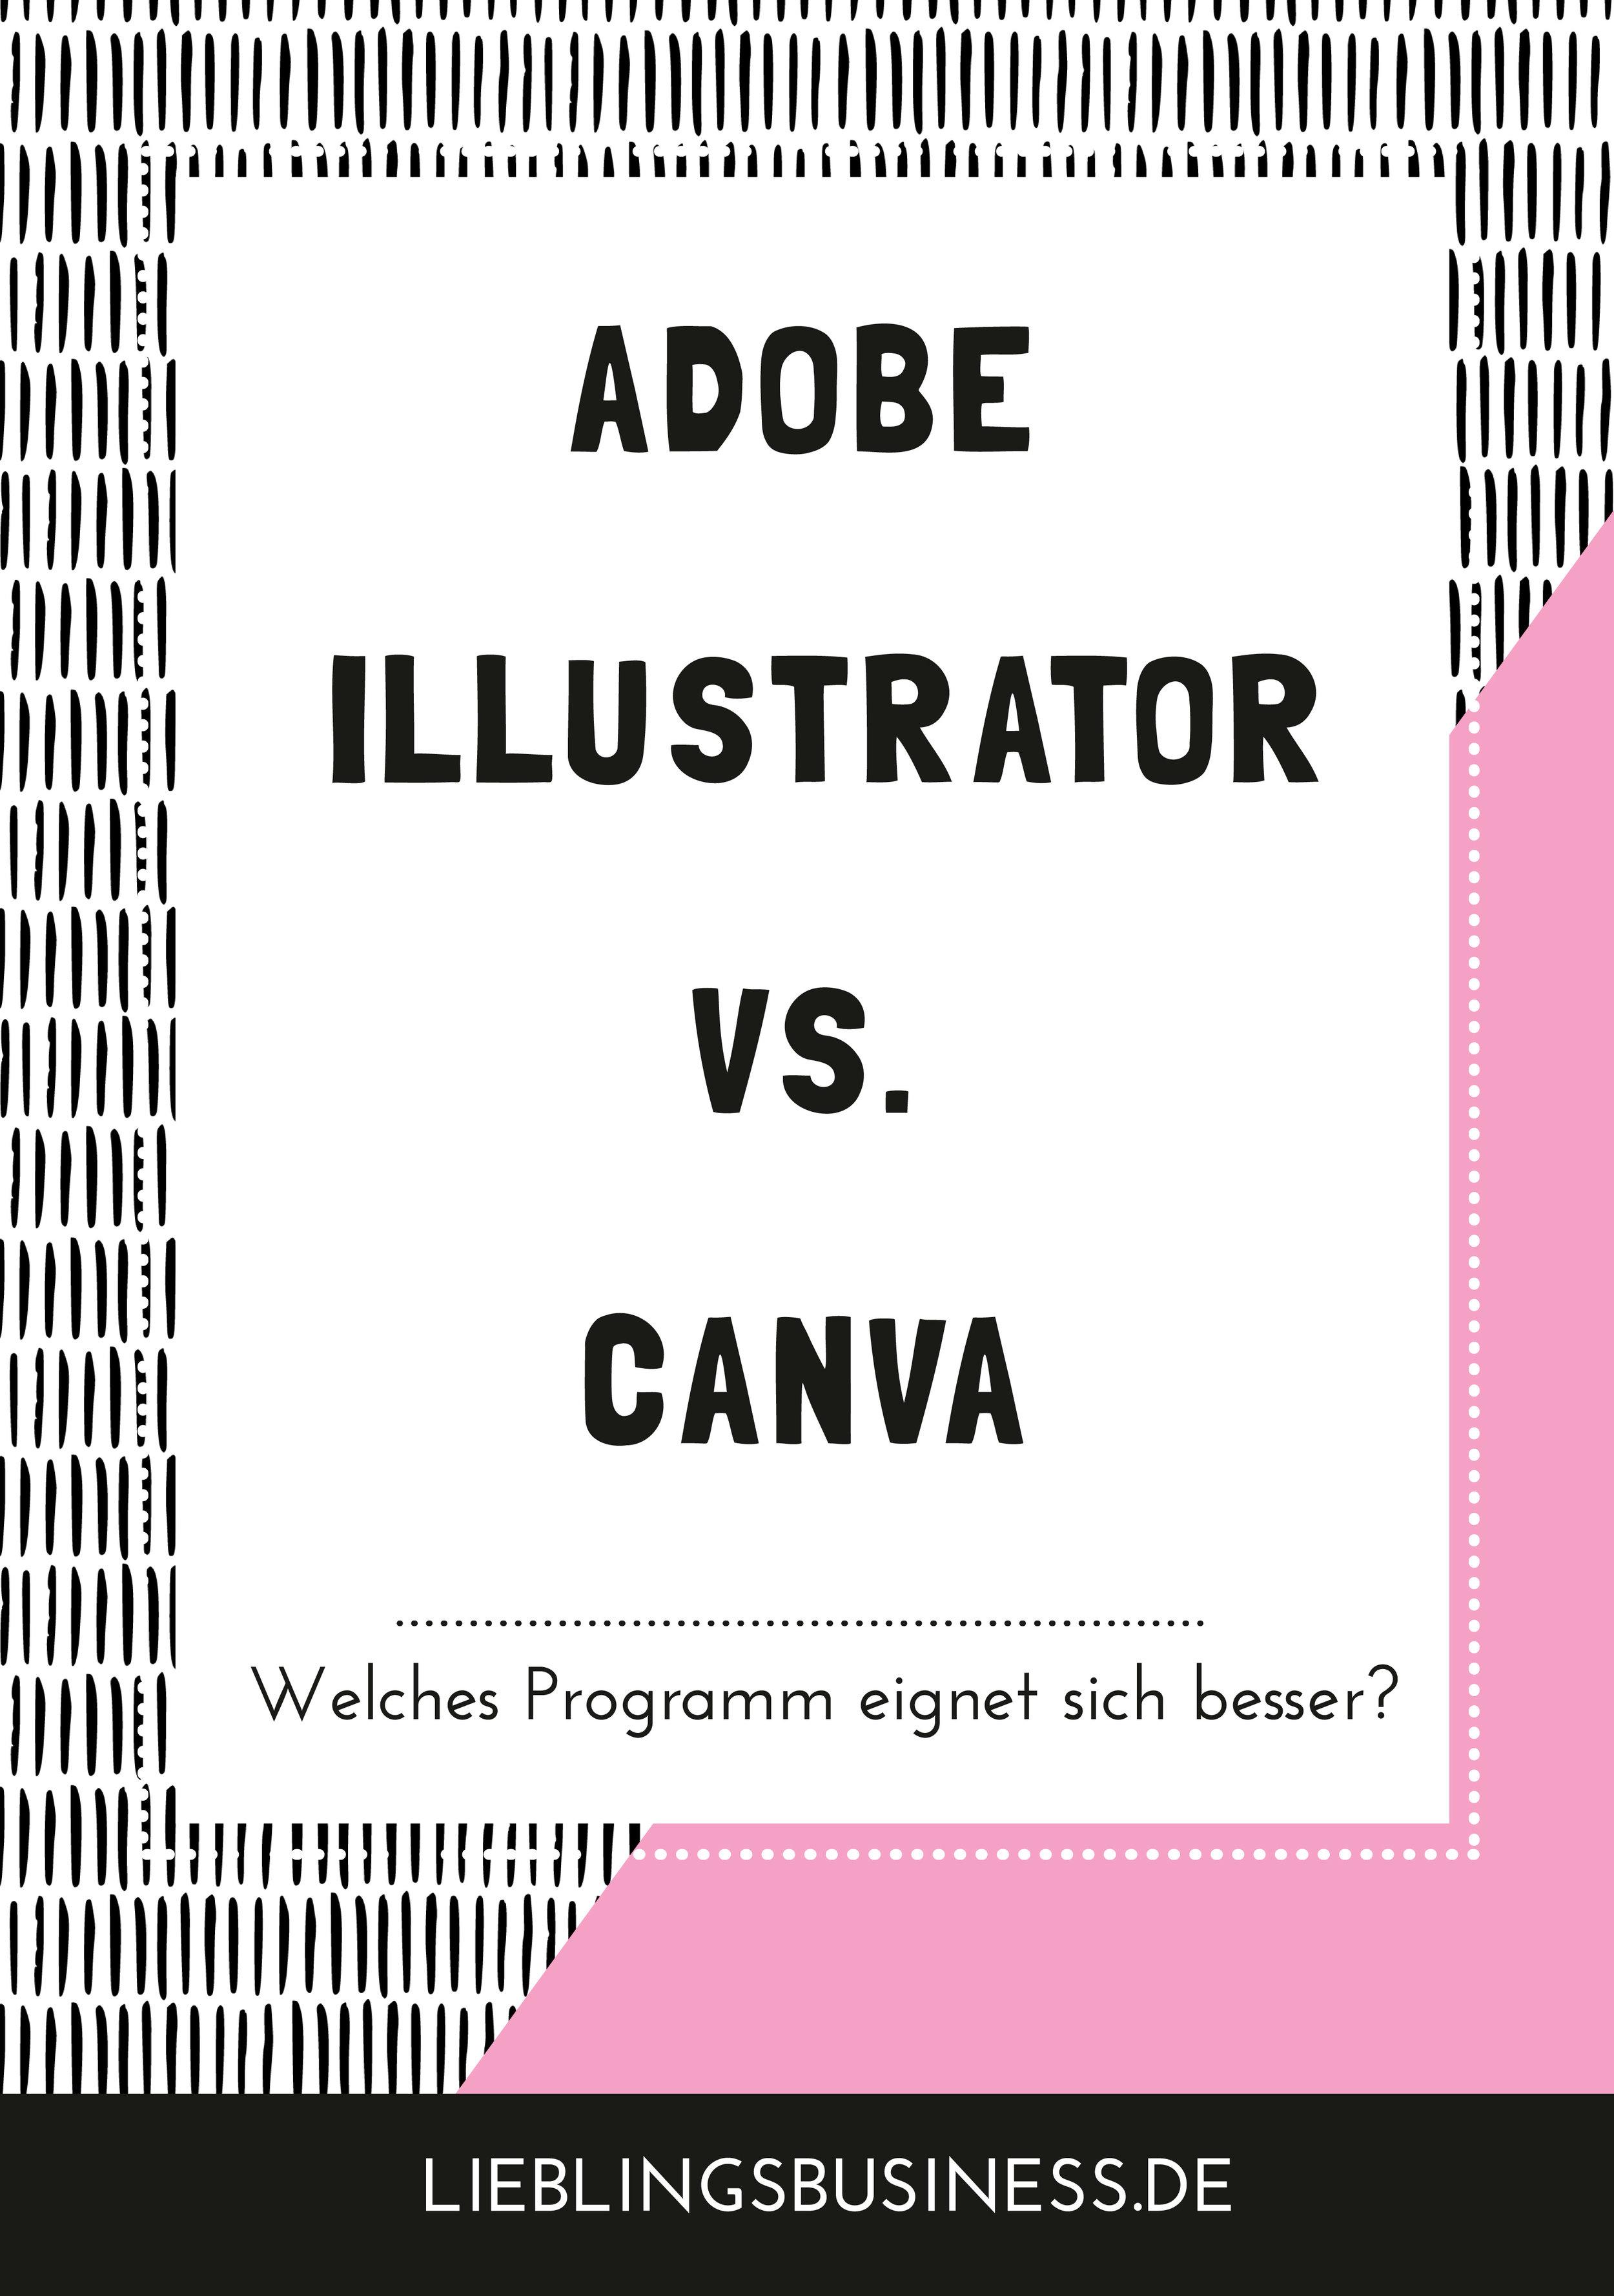 illustratorvscanva.jpg